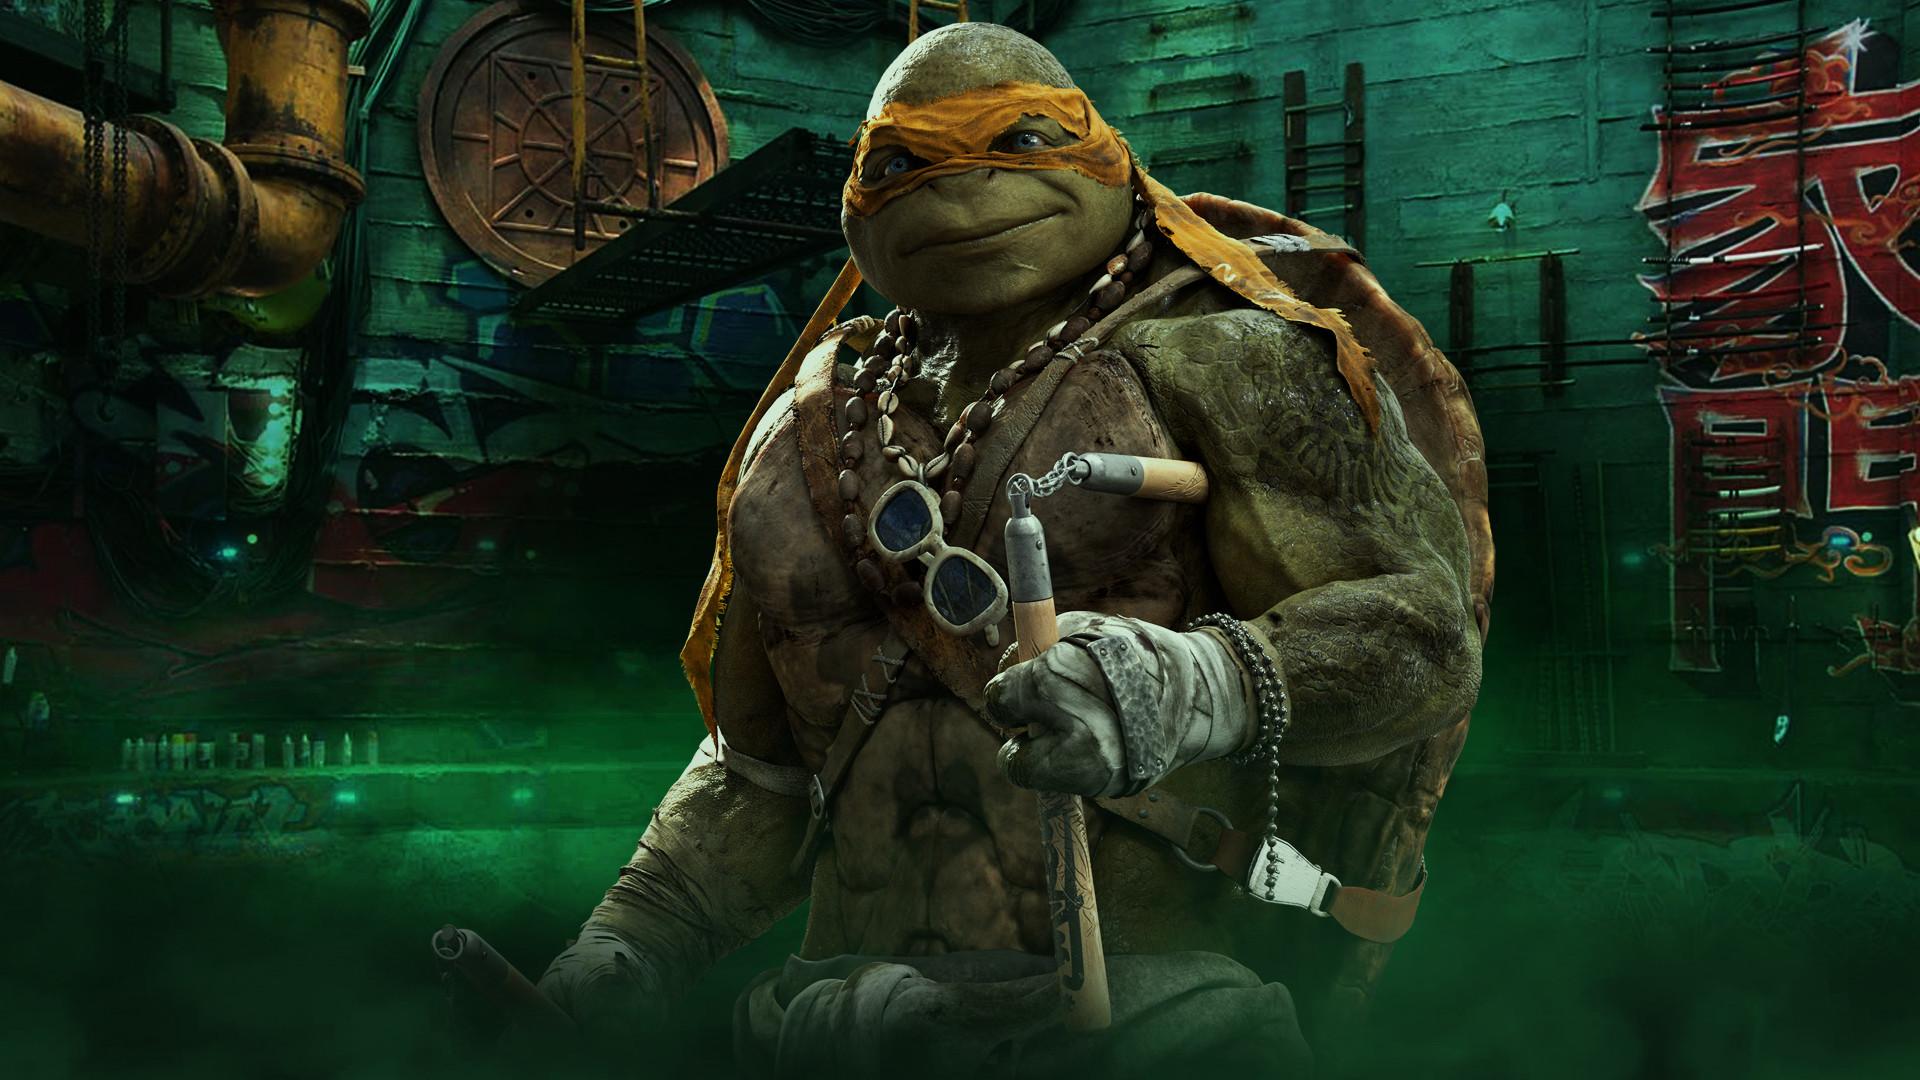 teenage mutant ninja turtles wallpaper michelangelo 27345poster.jpg